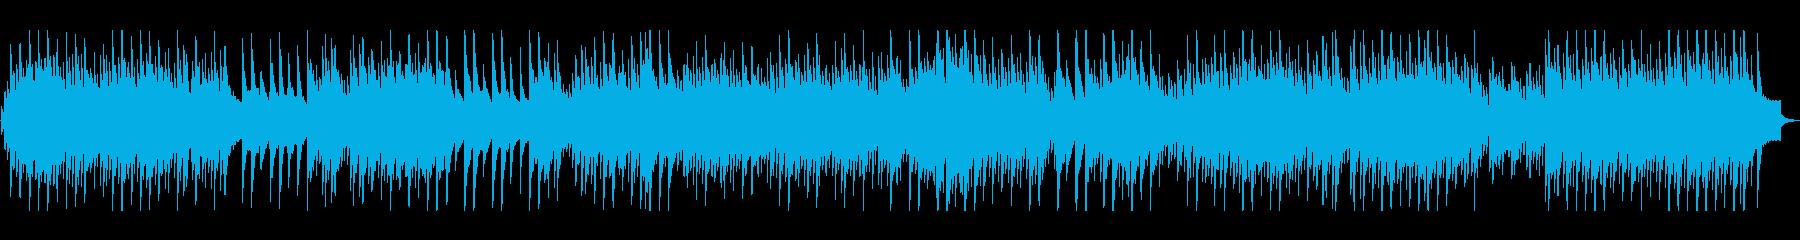 主よ人の望みの喜びよ 8bitサウンドの再生済みの波形